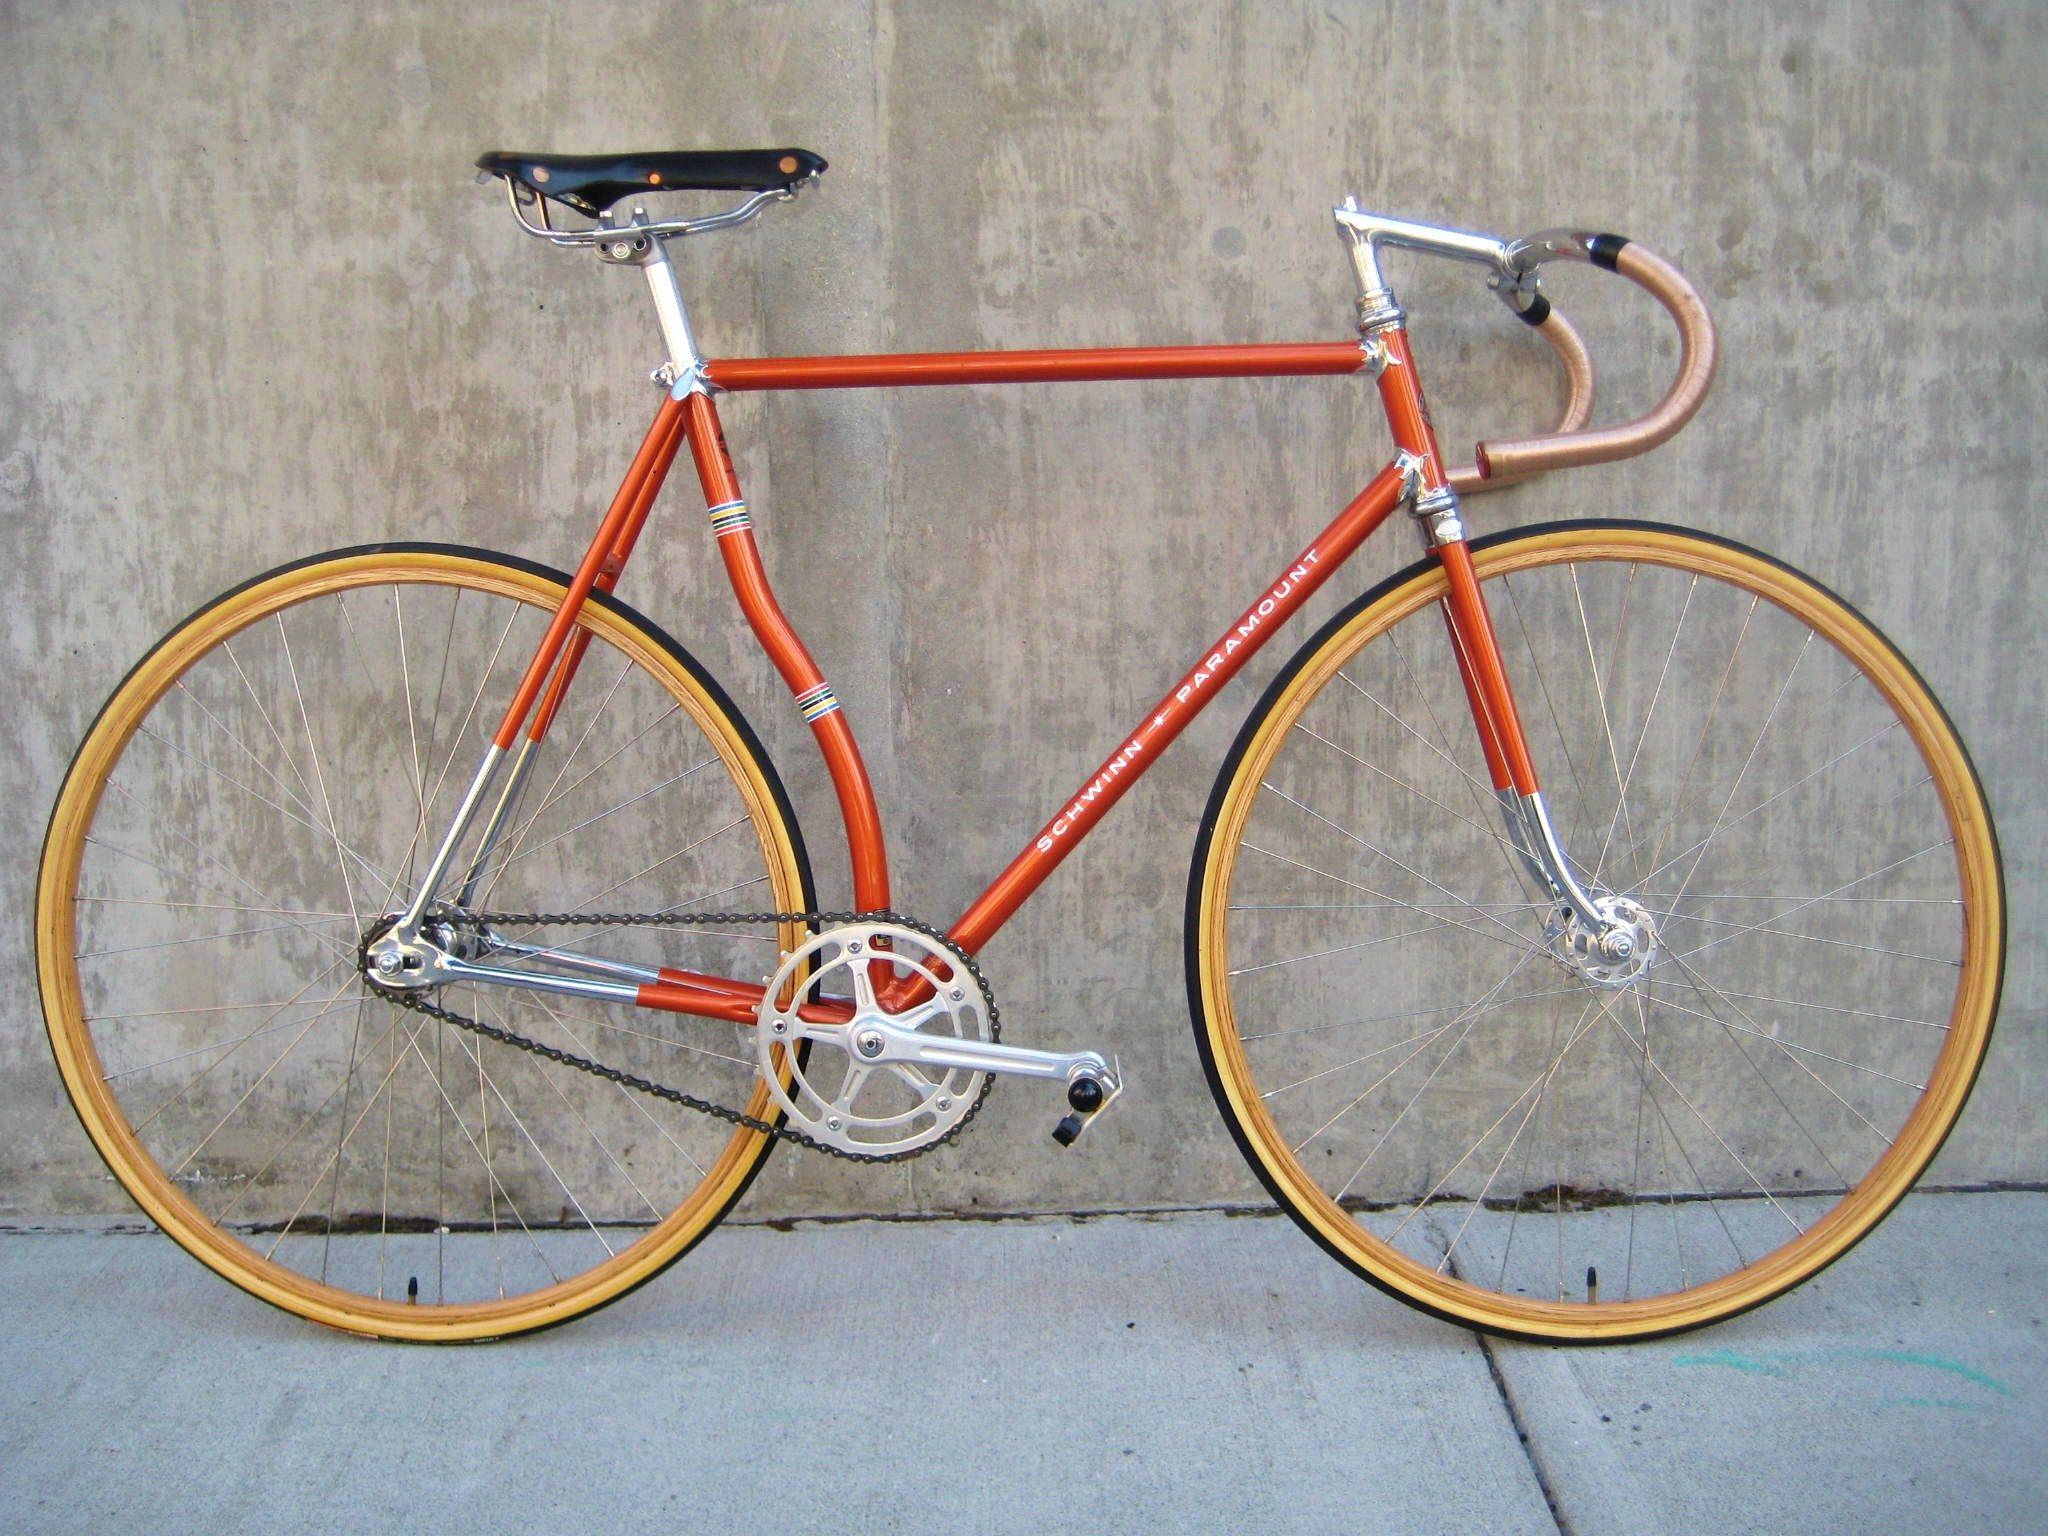 Schwinn Paramount Curved Seat Tube Bicycle Steel Bike Classic Road Bike